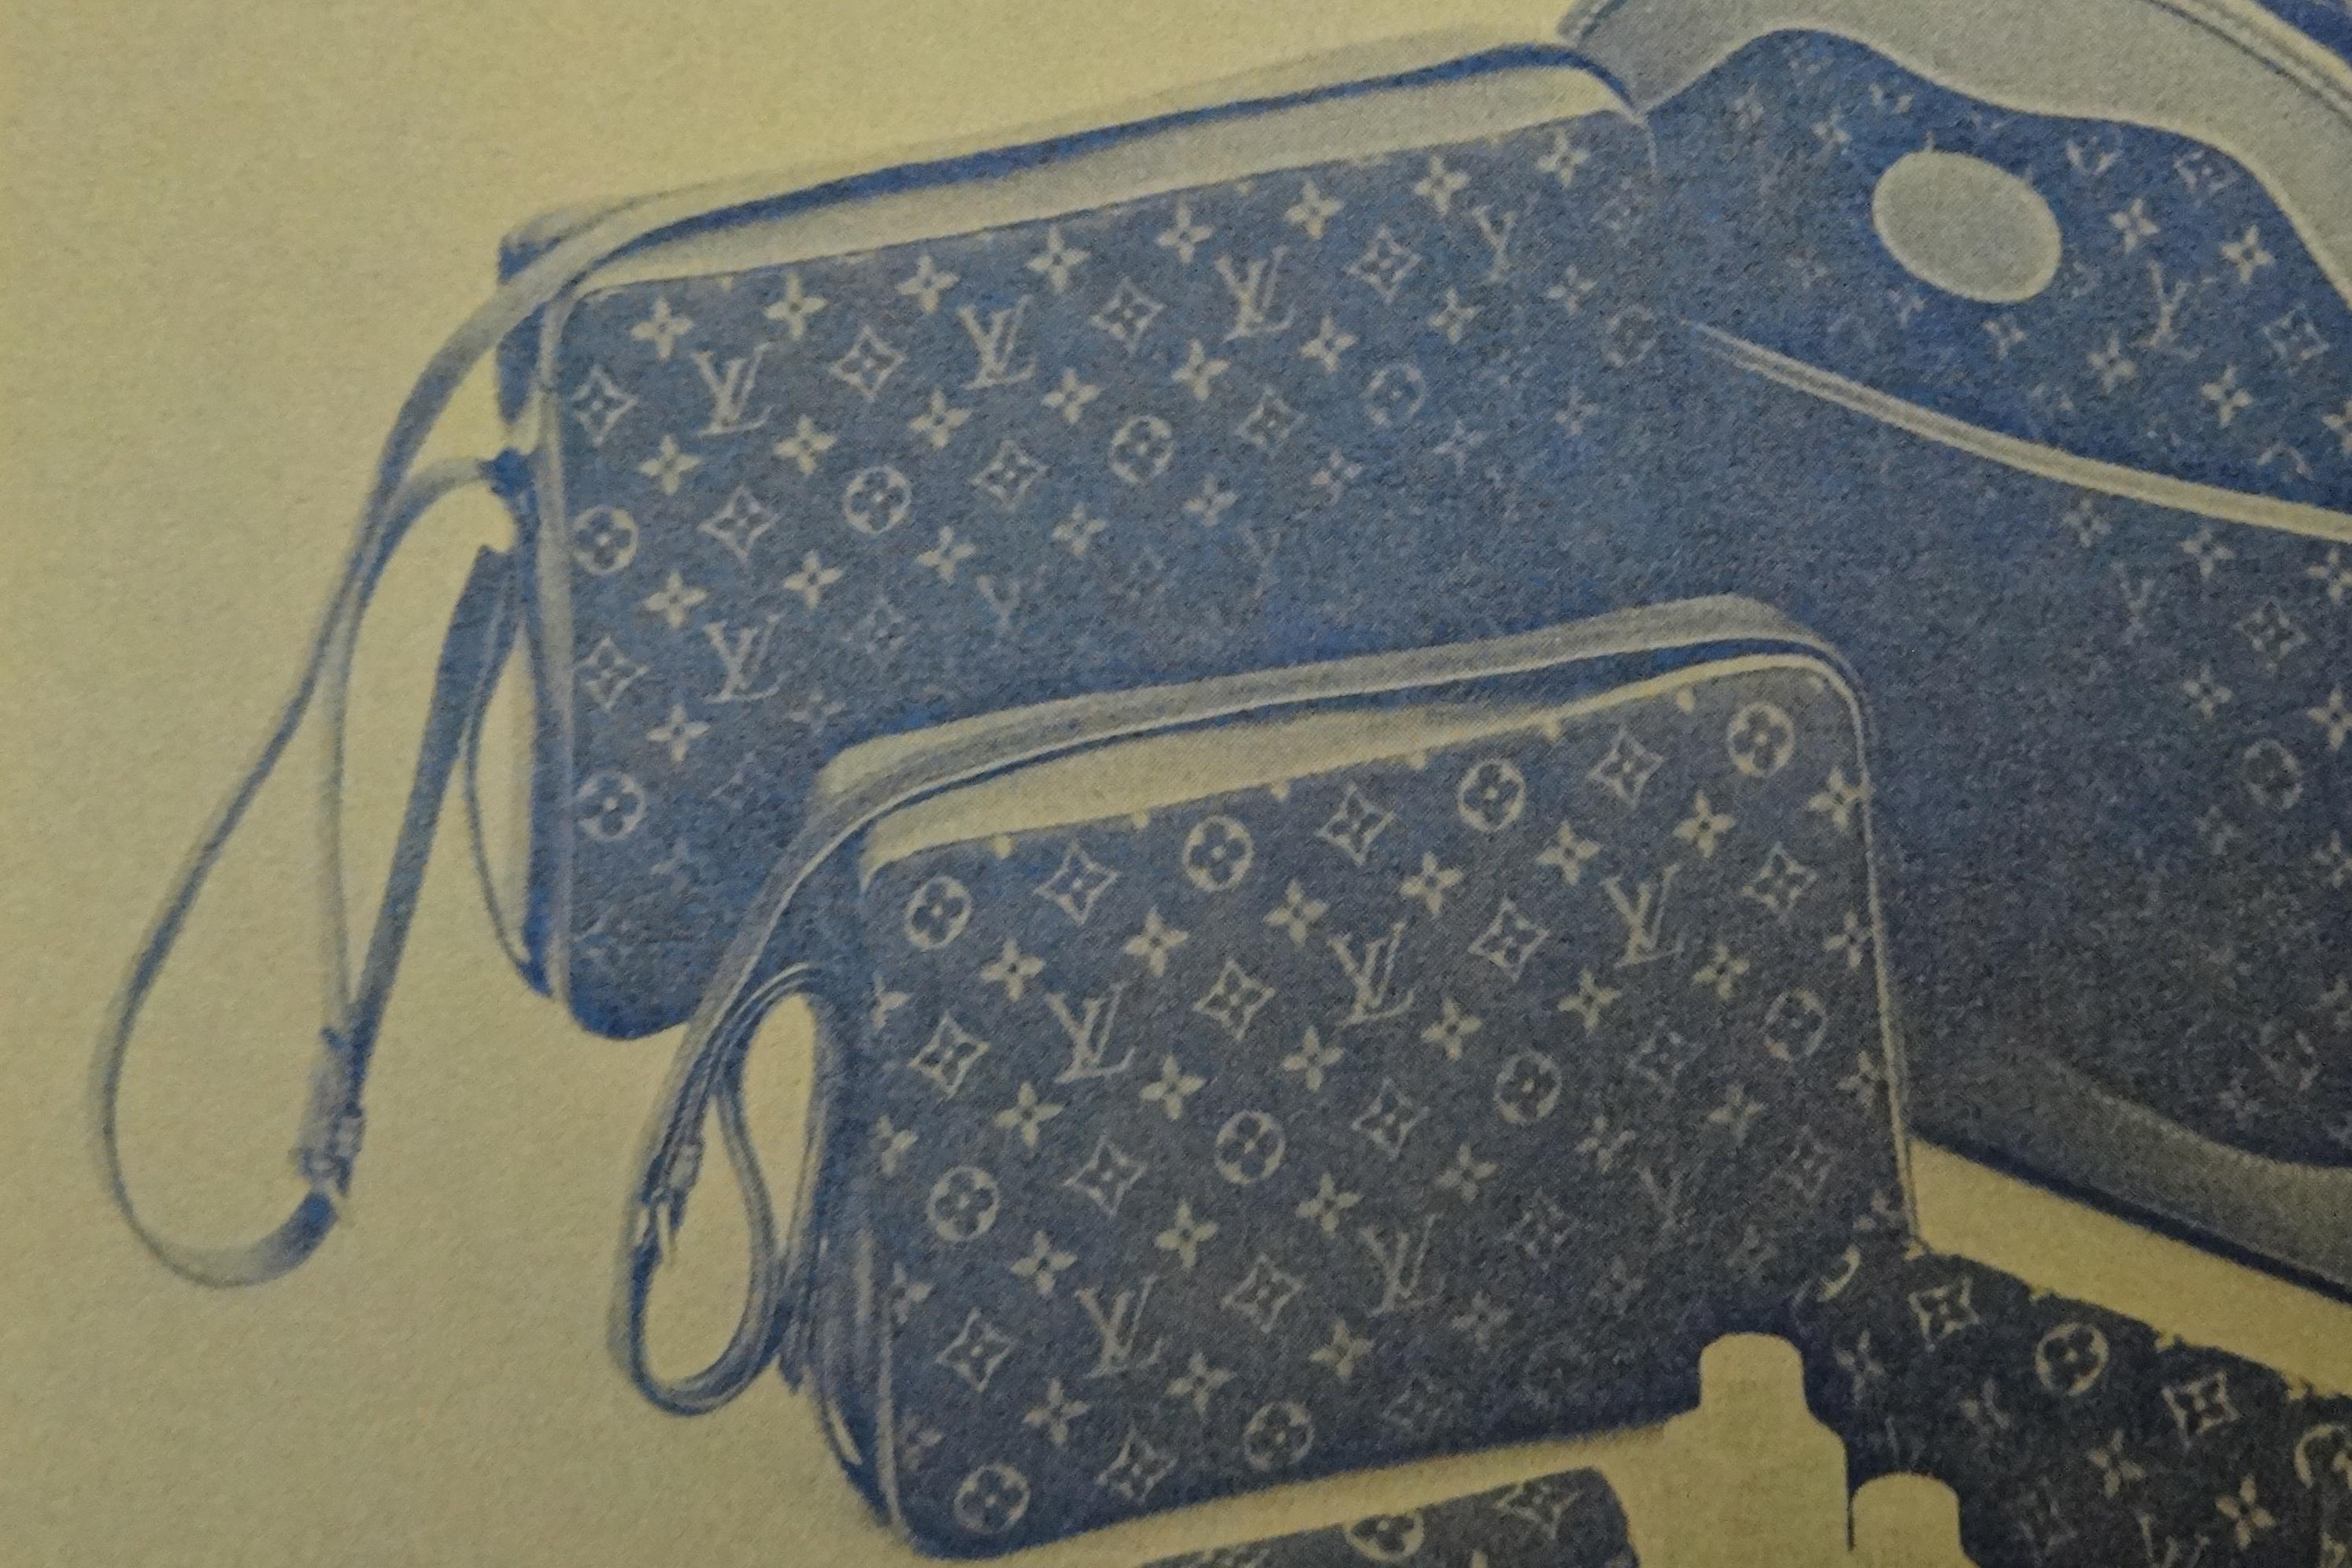 (c) Saks Fifth Avenue Louis Vuitton catalog